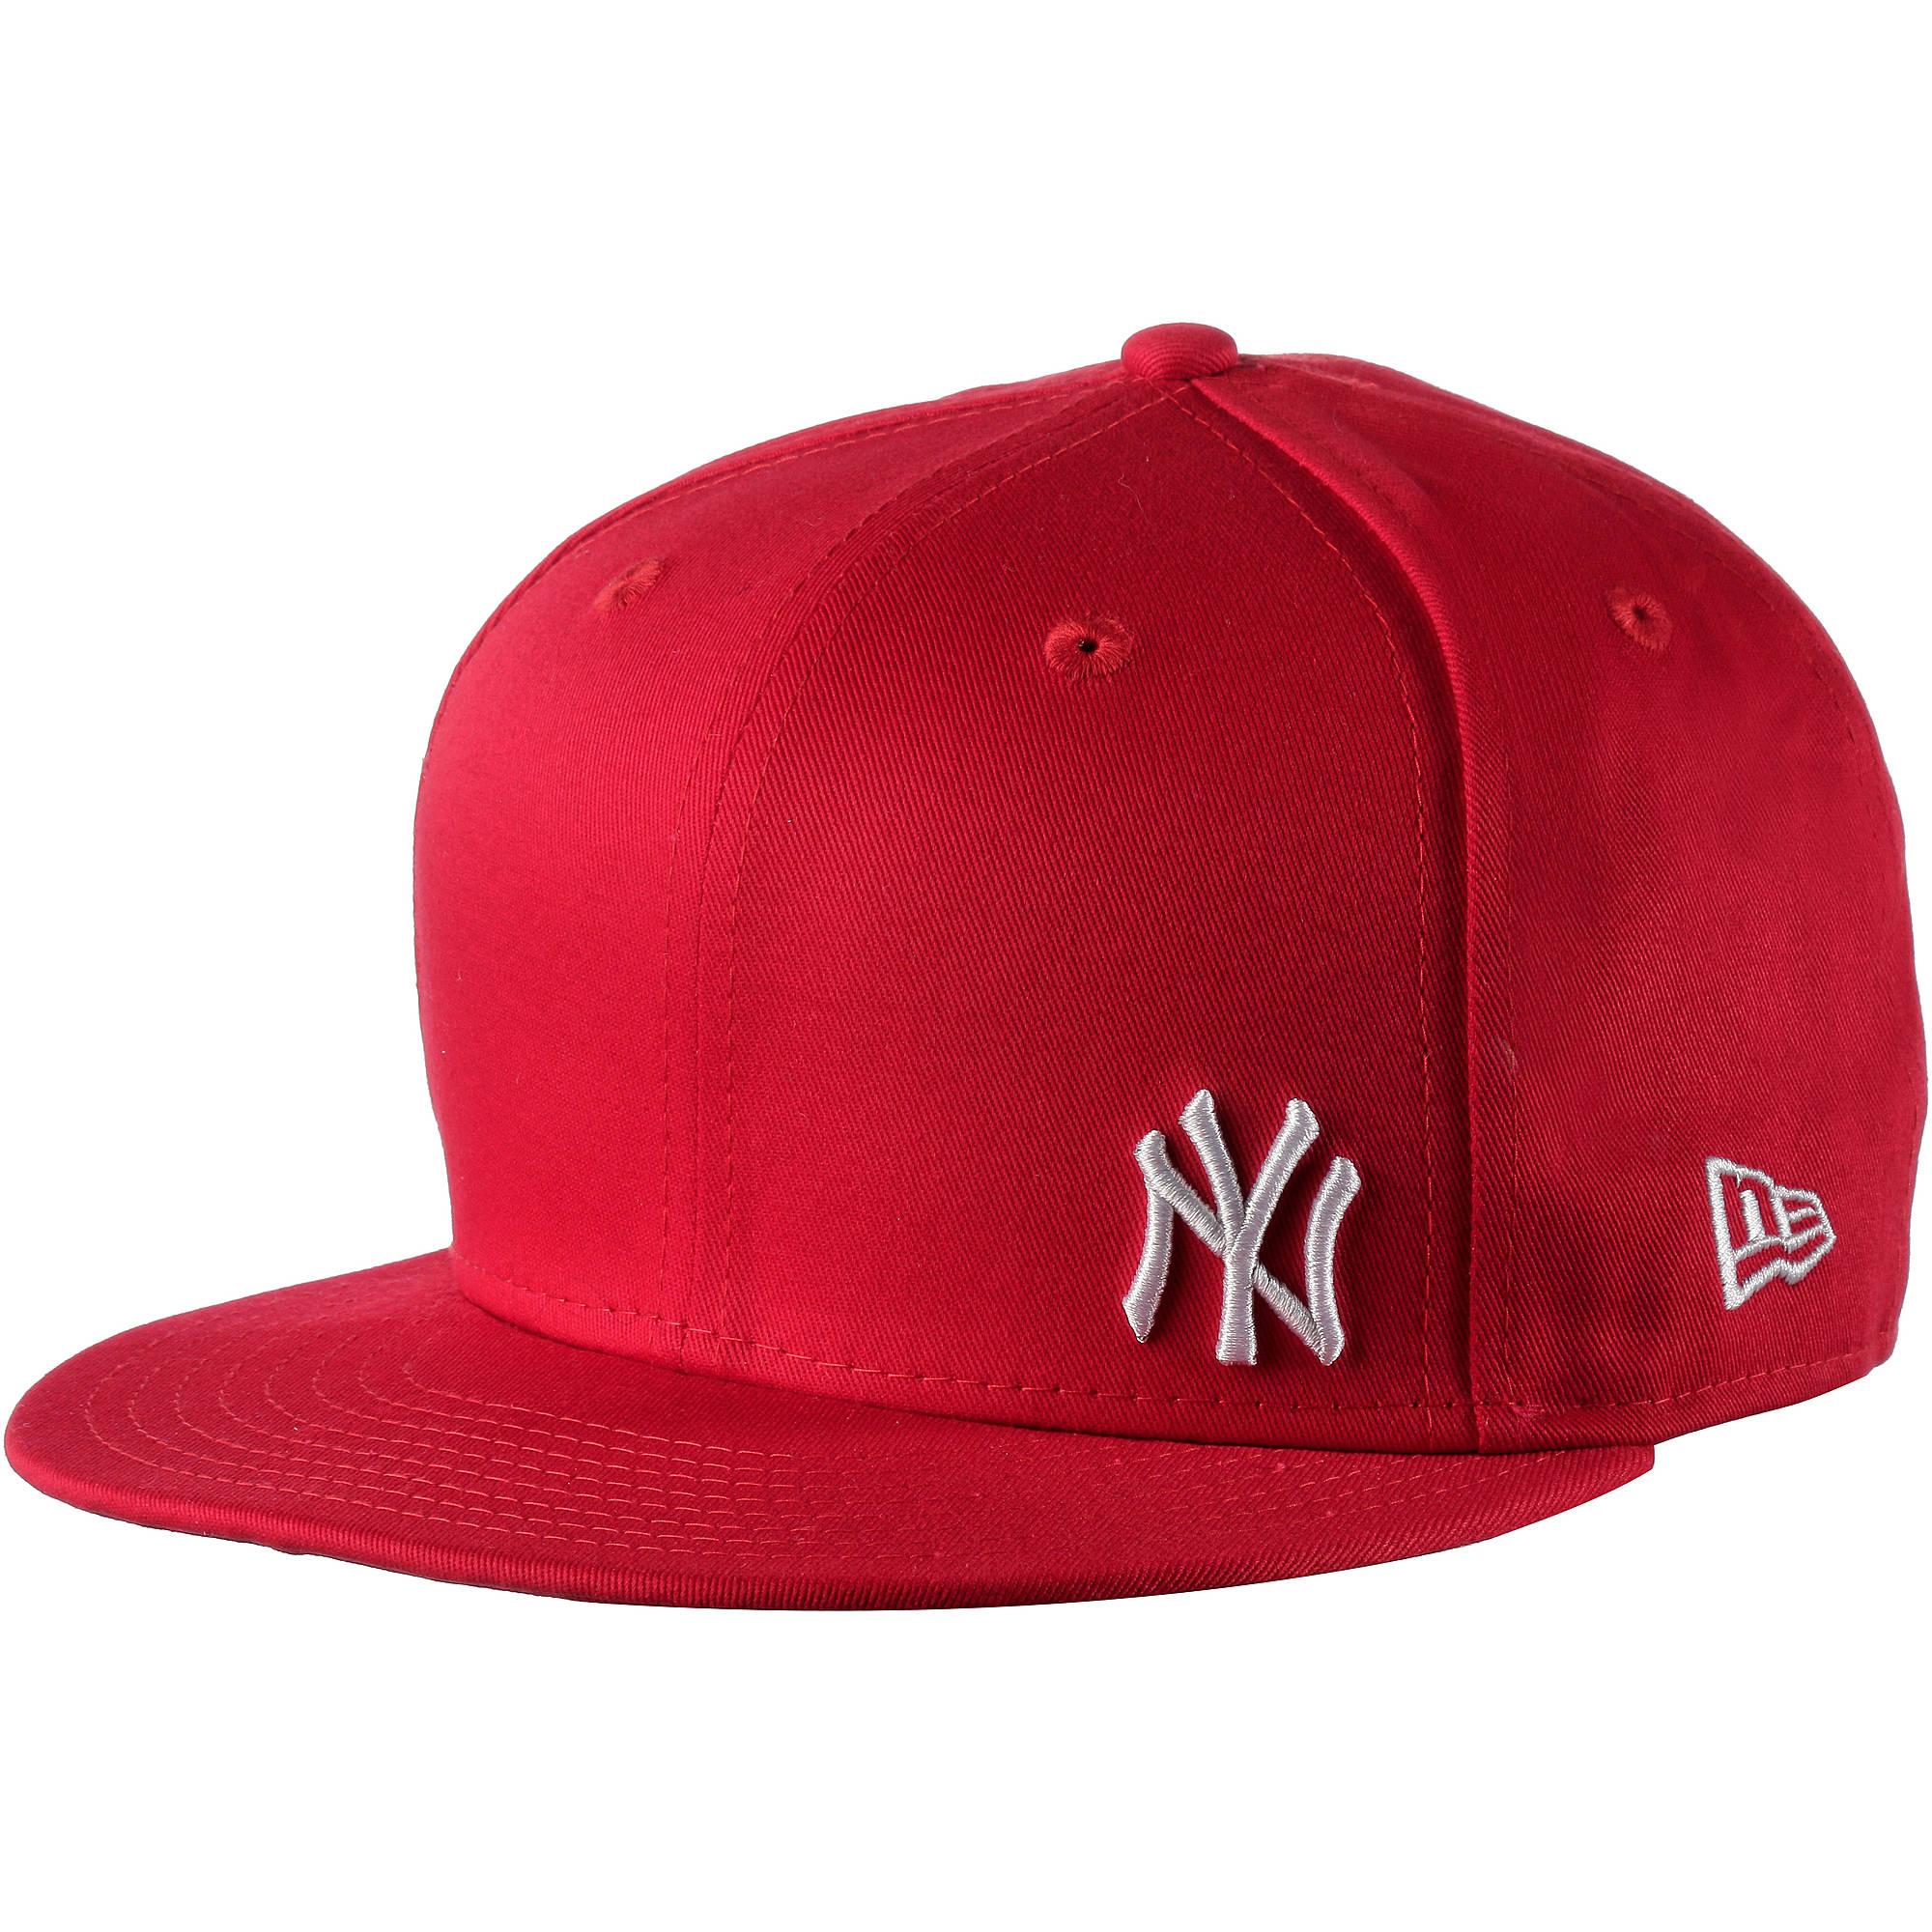 Verschiedene New Era Caps im Sale ab 7,95€ bei Abholung [SPORTSCHECK]